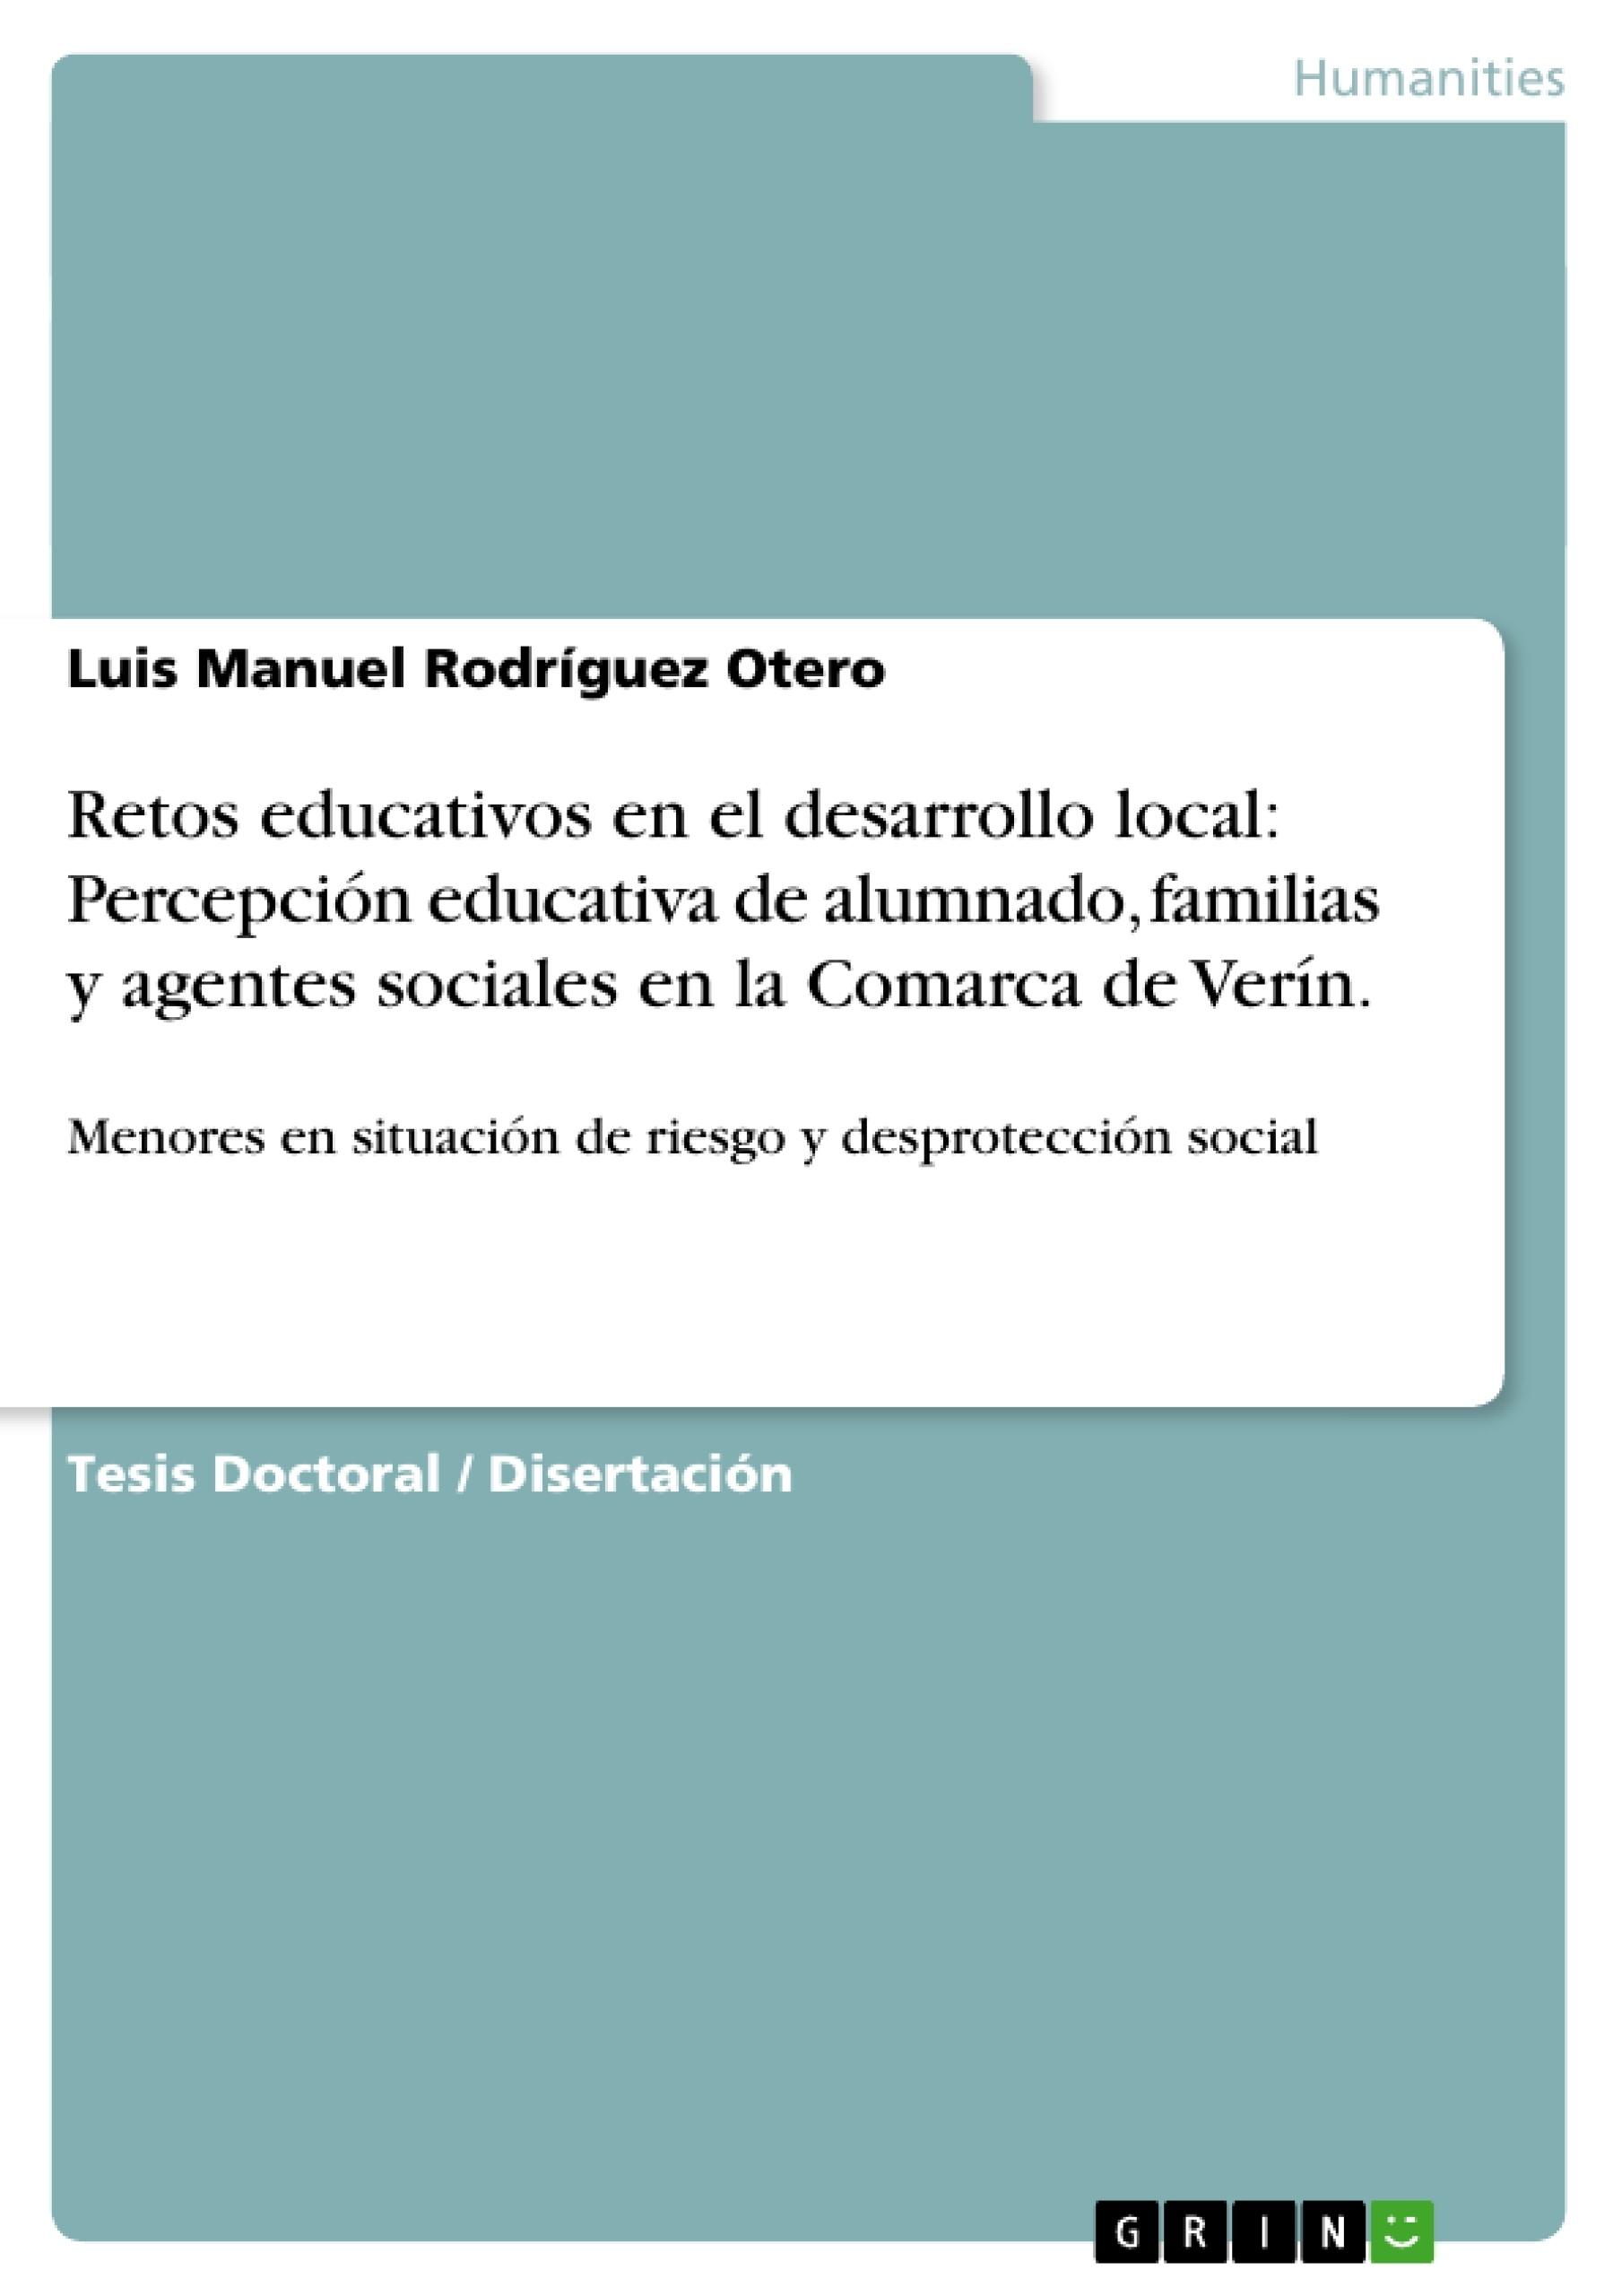 Título: Retos educativos en el desarrollo local: Percepción educativa de alumnado, familias y agentes sociales en la Comarca de Verín.